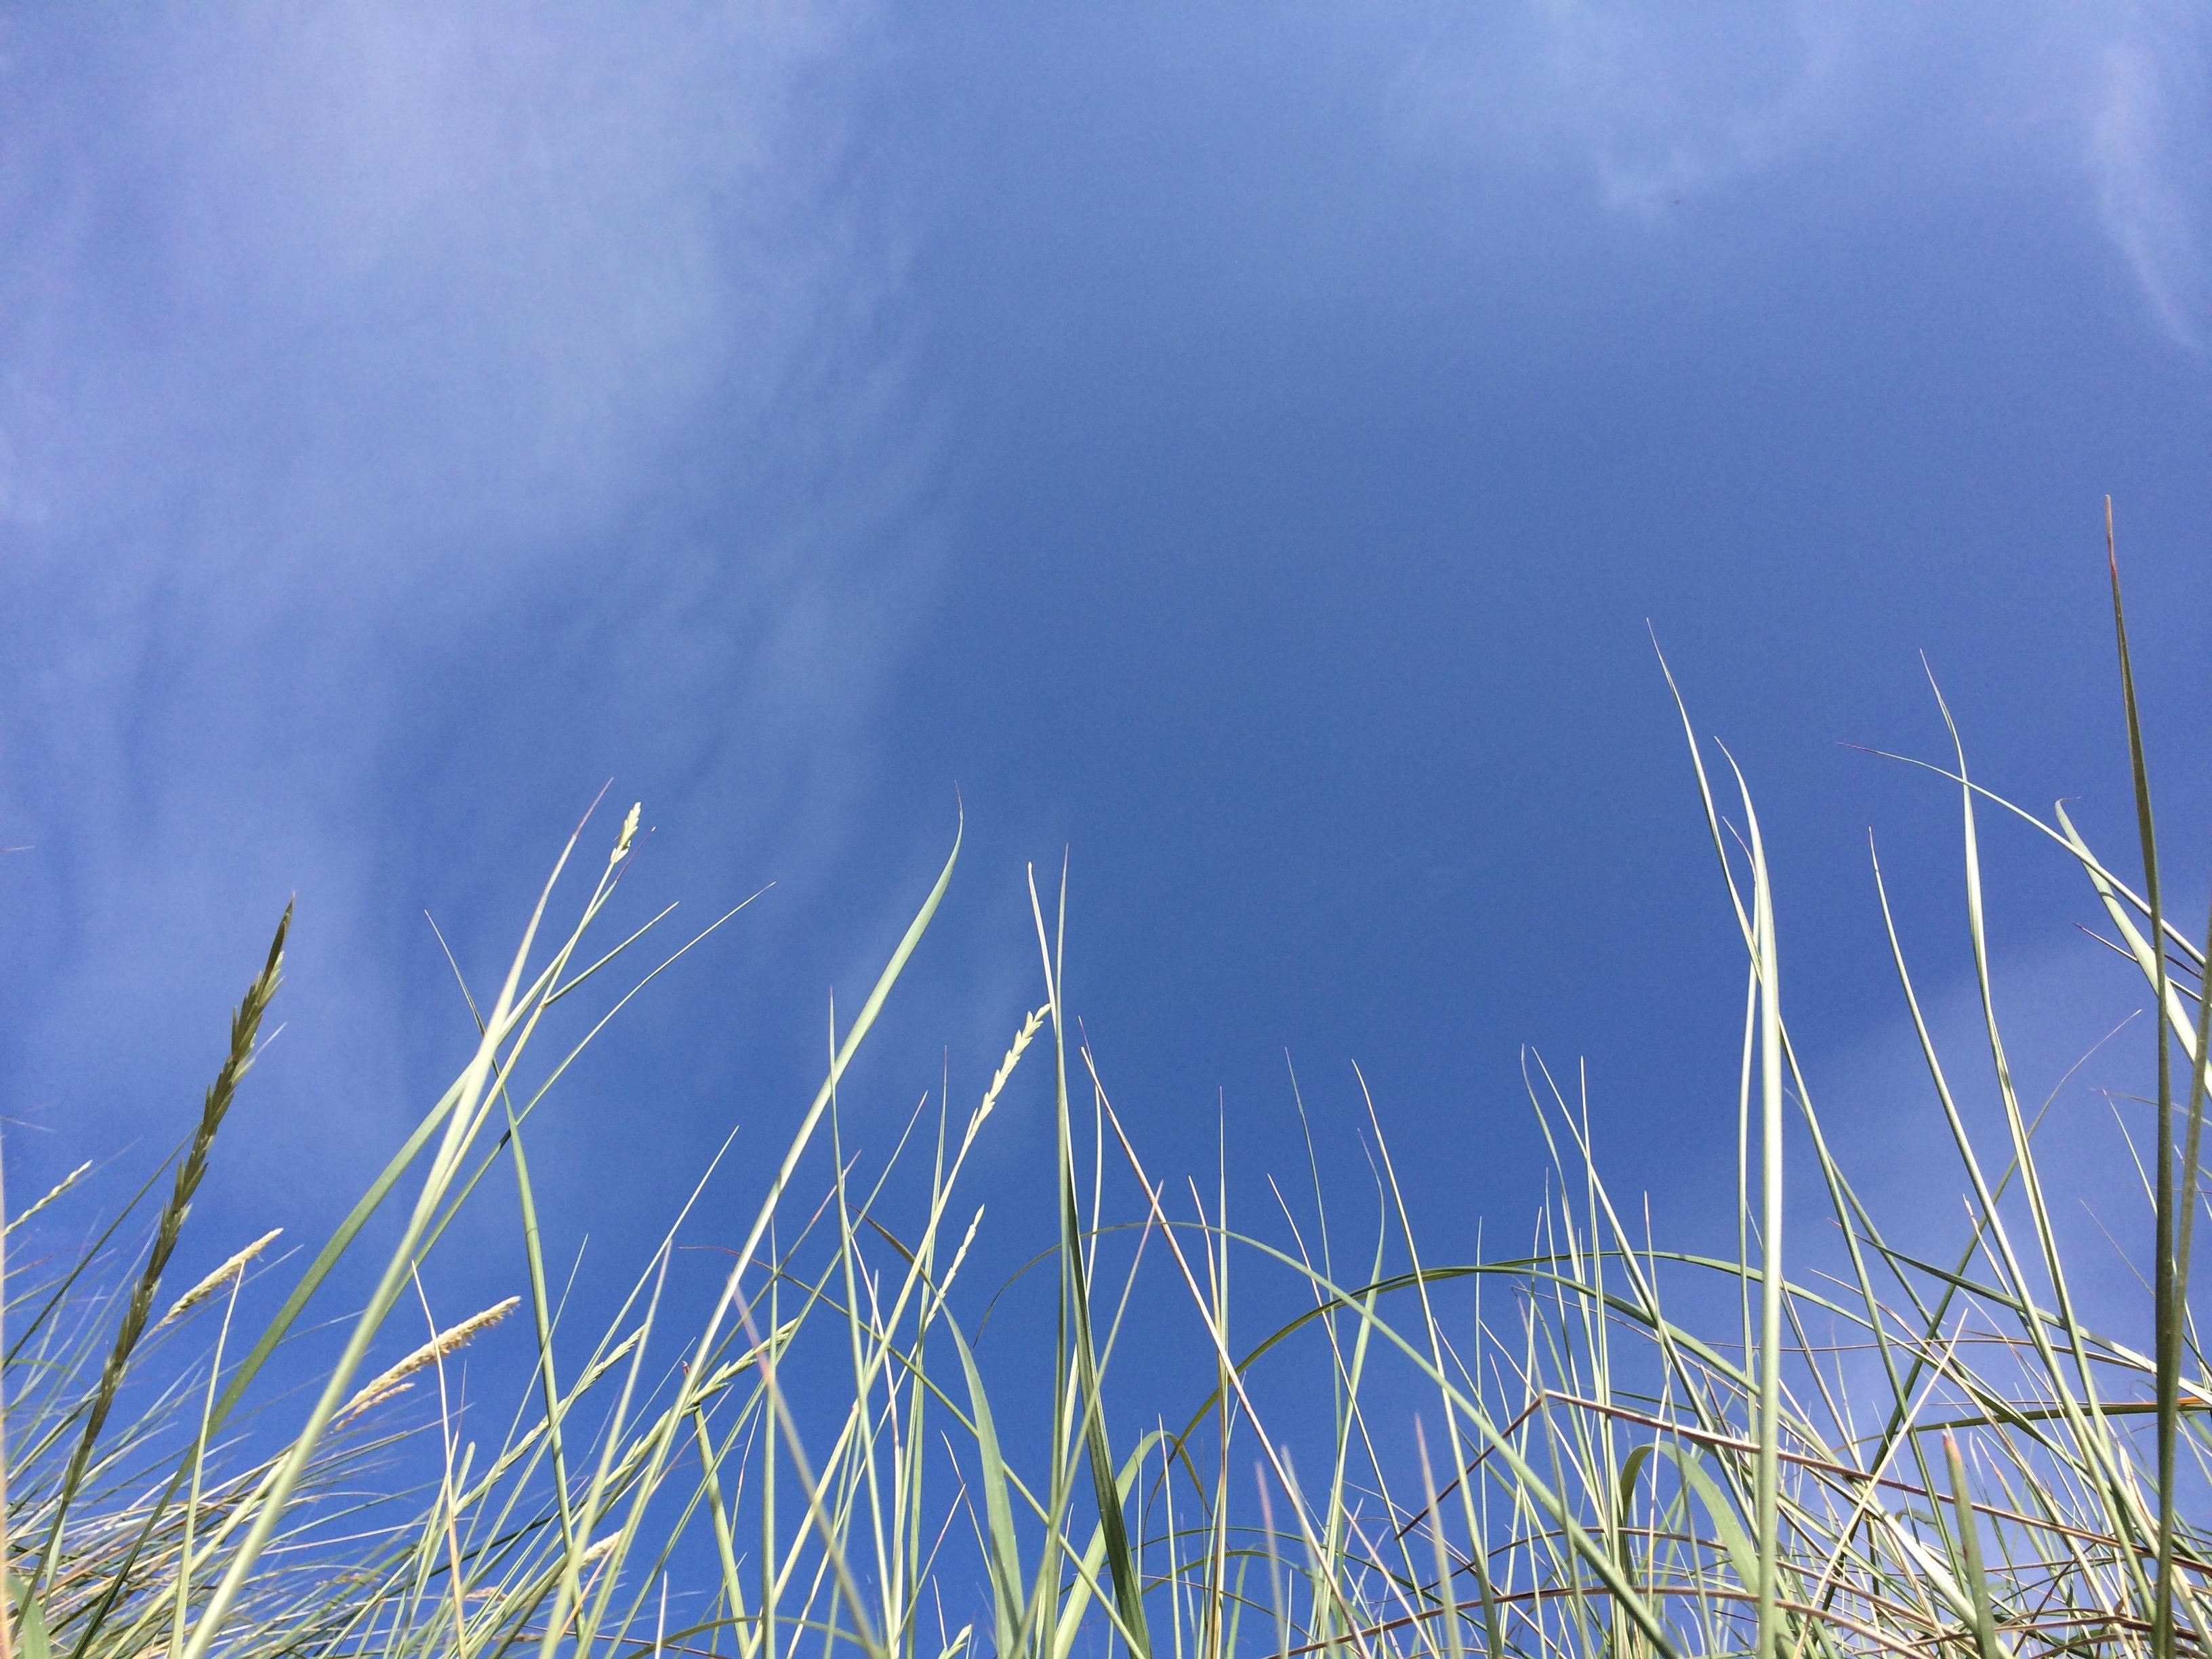 Ozonlagret fortsätter att tunnas ut, enligt ny forskning, vilket betyder att solskydd med hög spf är viktigare än någonsin. Foto: Skönhetsredaktörerna